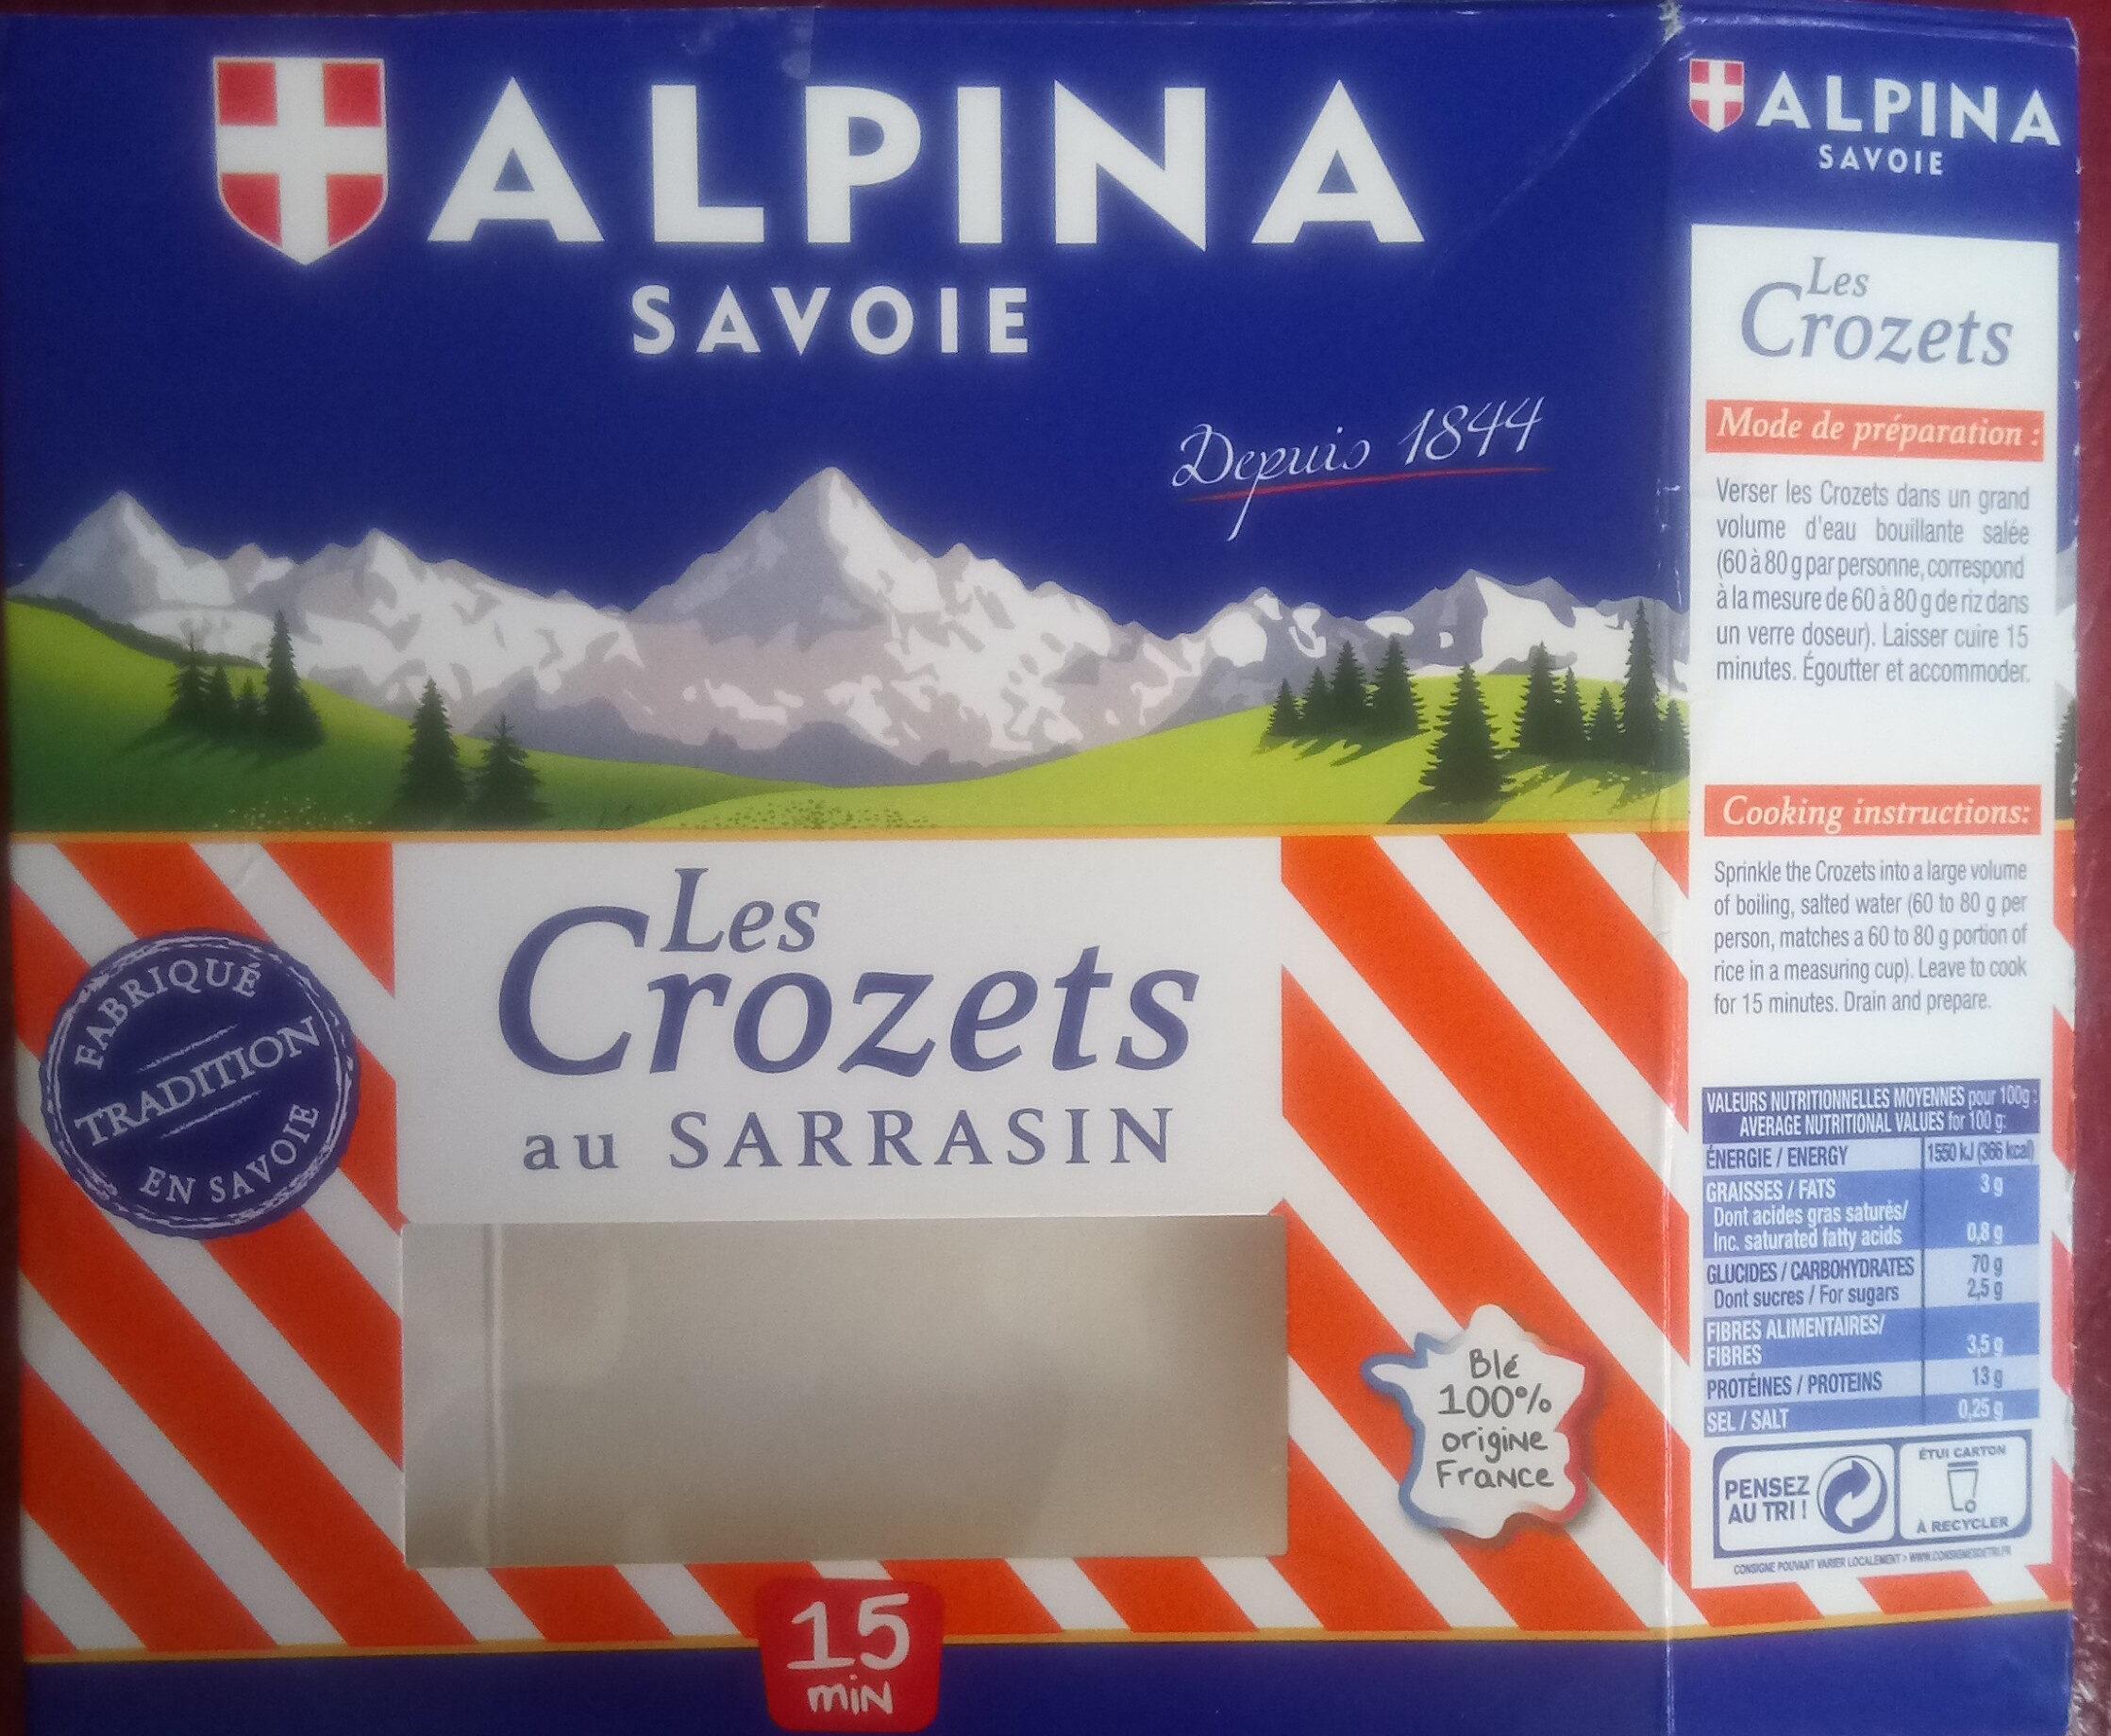 les crozets au sarrasin - Product - fr